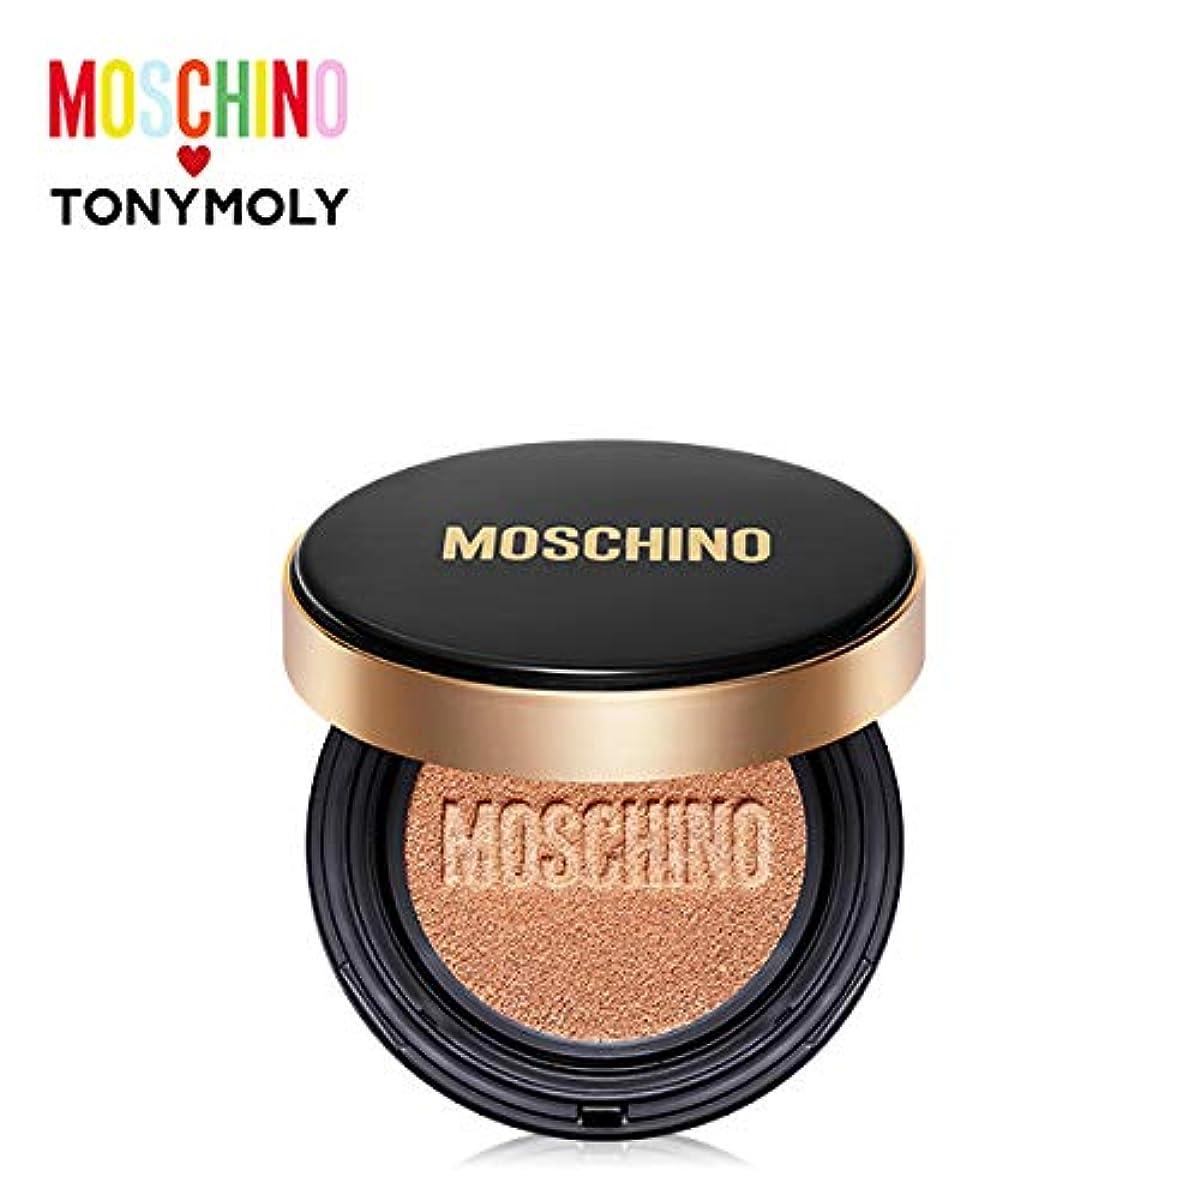 前述のクラフトデコラティブトニーモリー [モスキーノ] ゴールドエディション シック スキン クッション 15g TONYMOLY [MOSCHINO Edition] Gold Edition Chic Skin Cushion #01 CHIC...